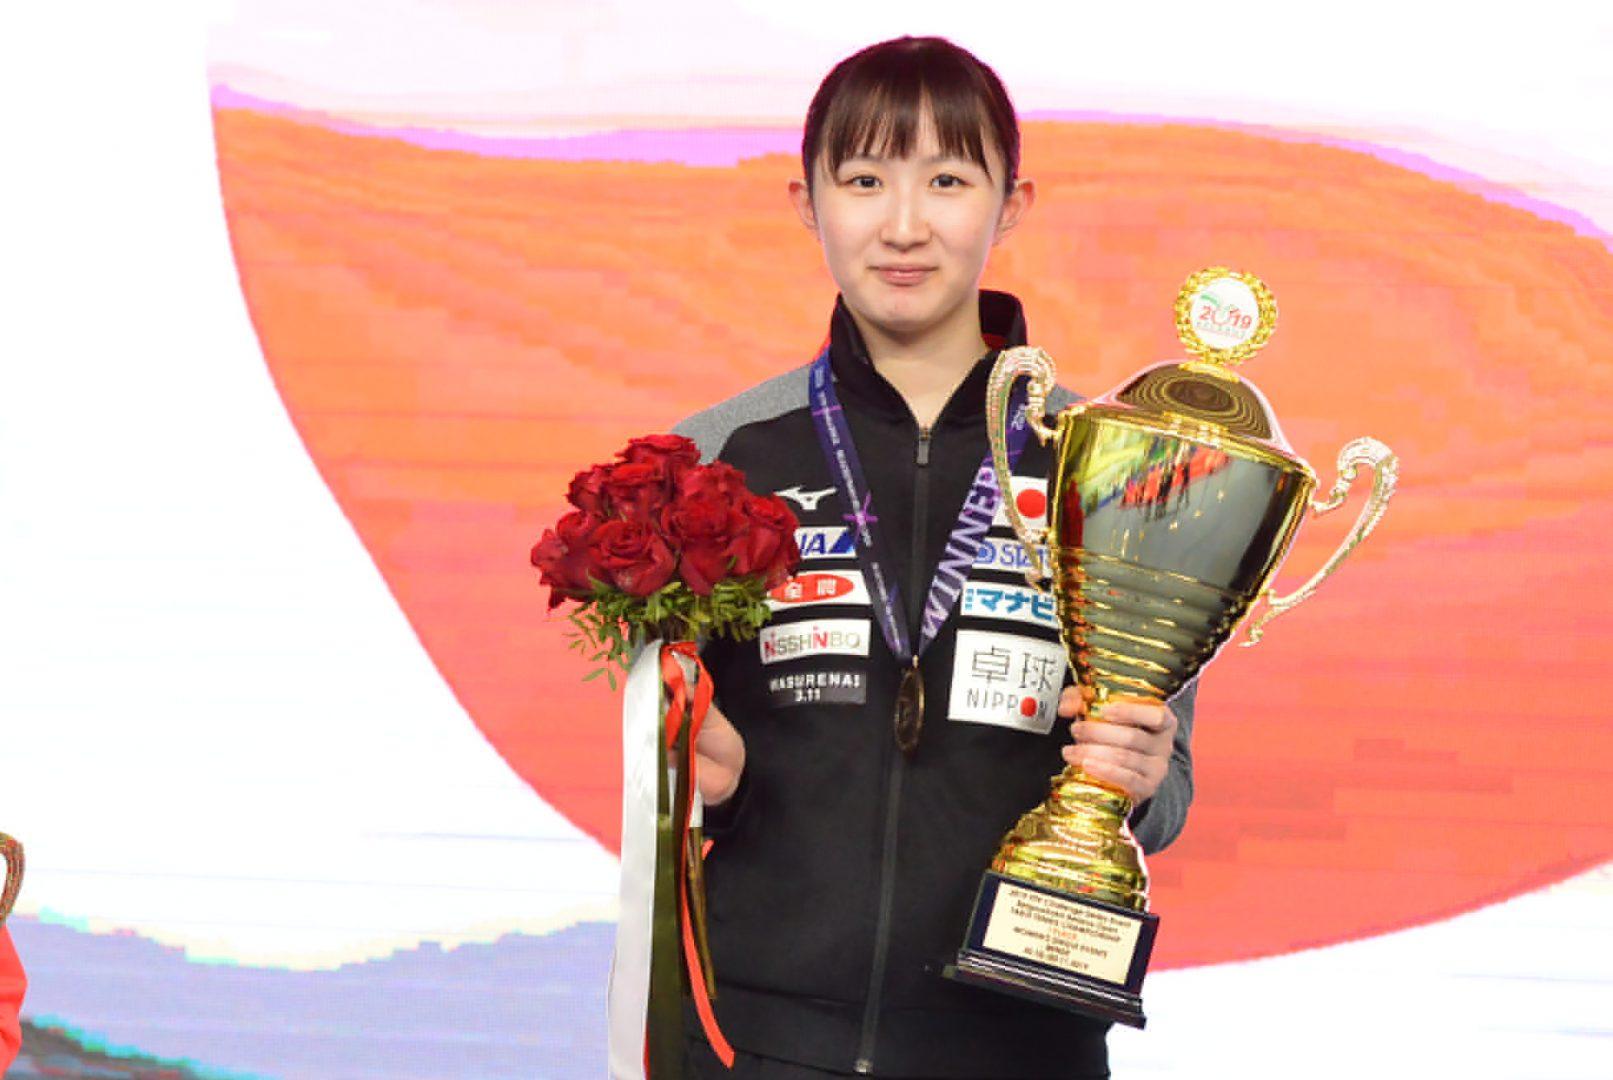 【今週の日本の卓球】早田ら日本勢が2種目で優勝 ベラルーシOP全日程終了